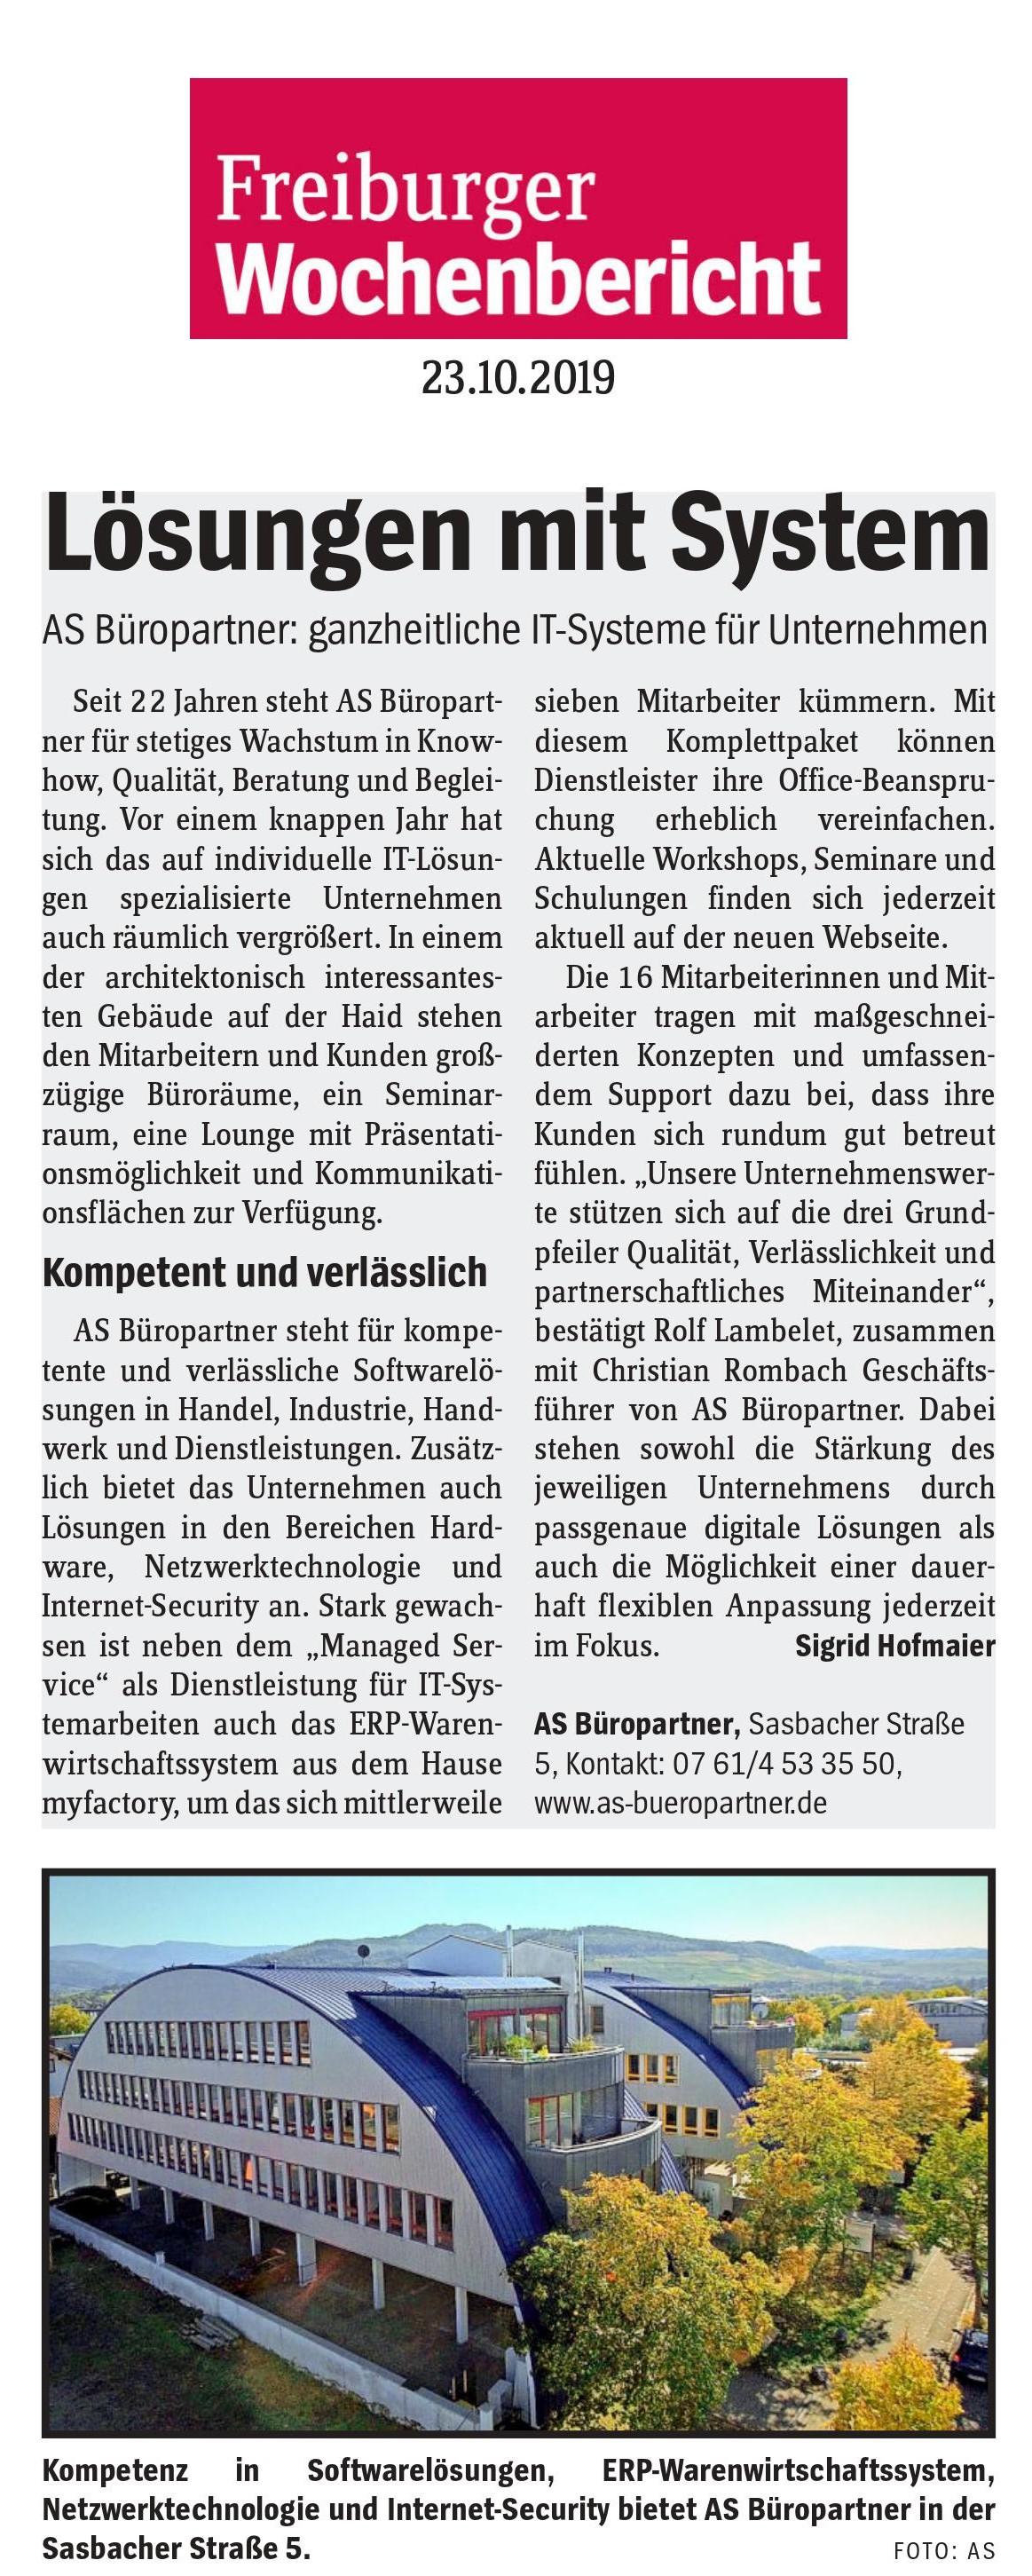 freiburger-wochenbericht-23-10-2019.jpg